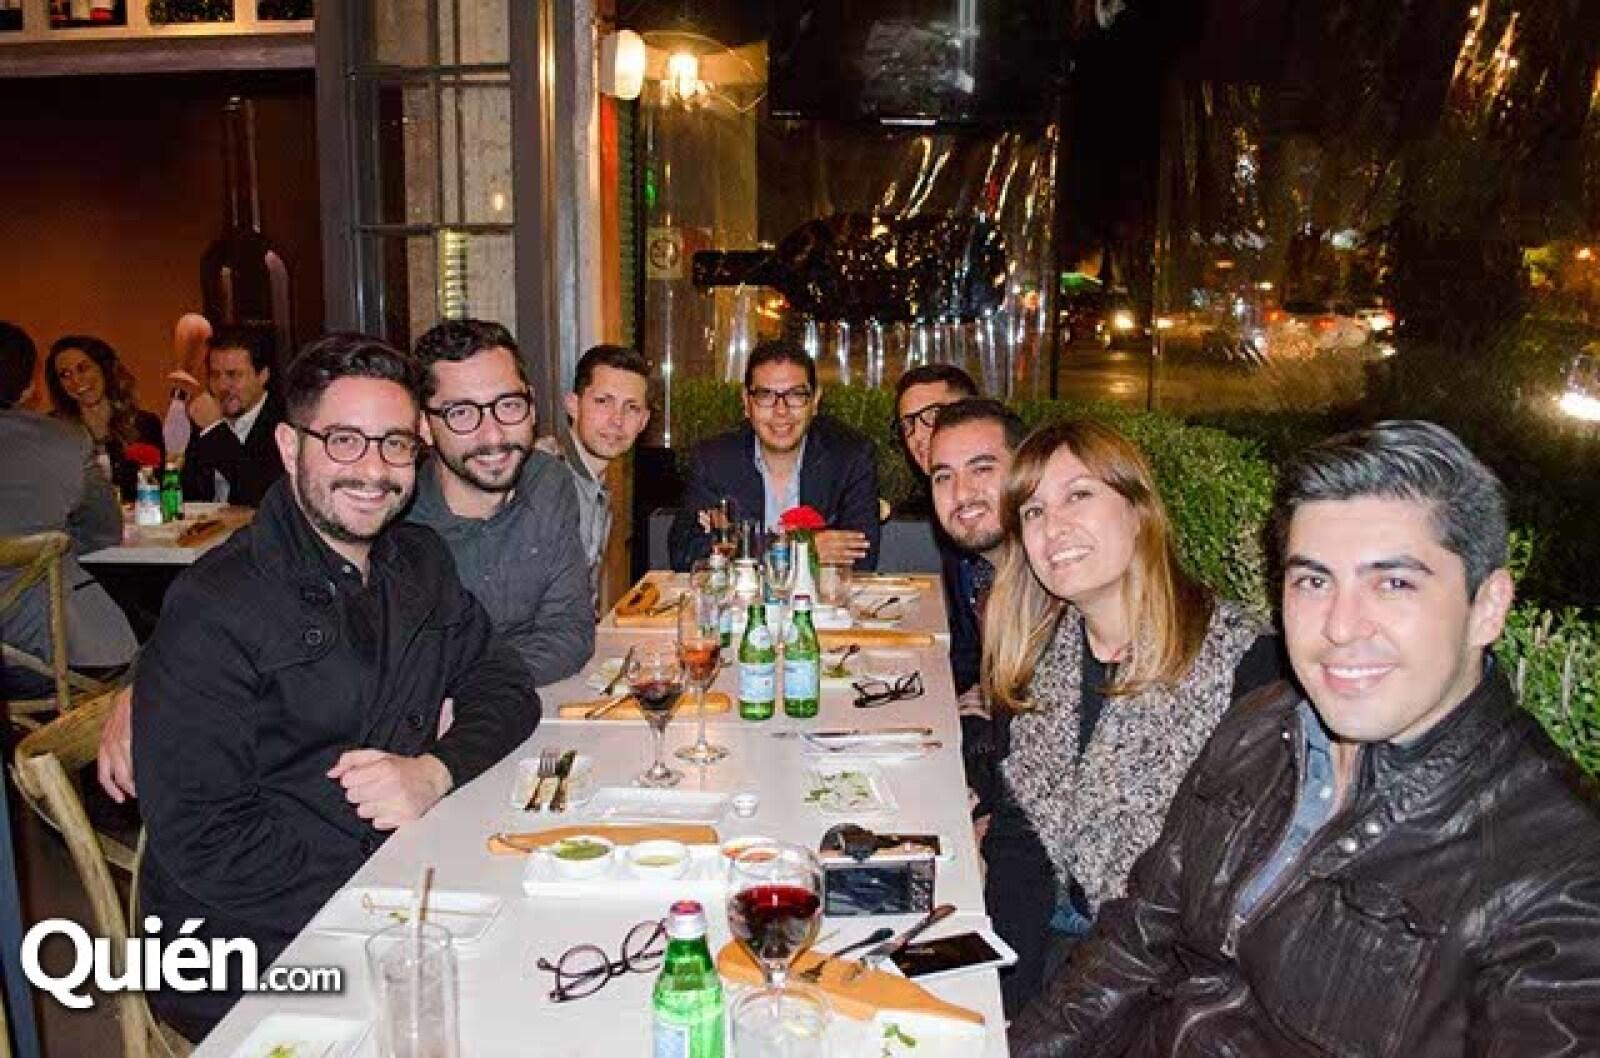 Fernando Vela,Grace Navarro,Adrián Xavier,Daniel Saldaña,Israel Lara,Juan de la Concha,Salim Memi y Mundo Montes de Oca